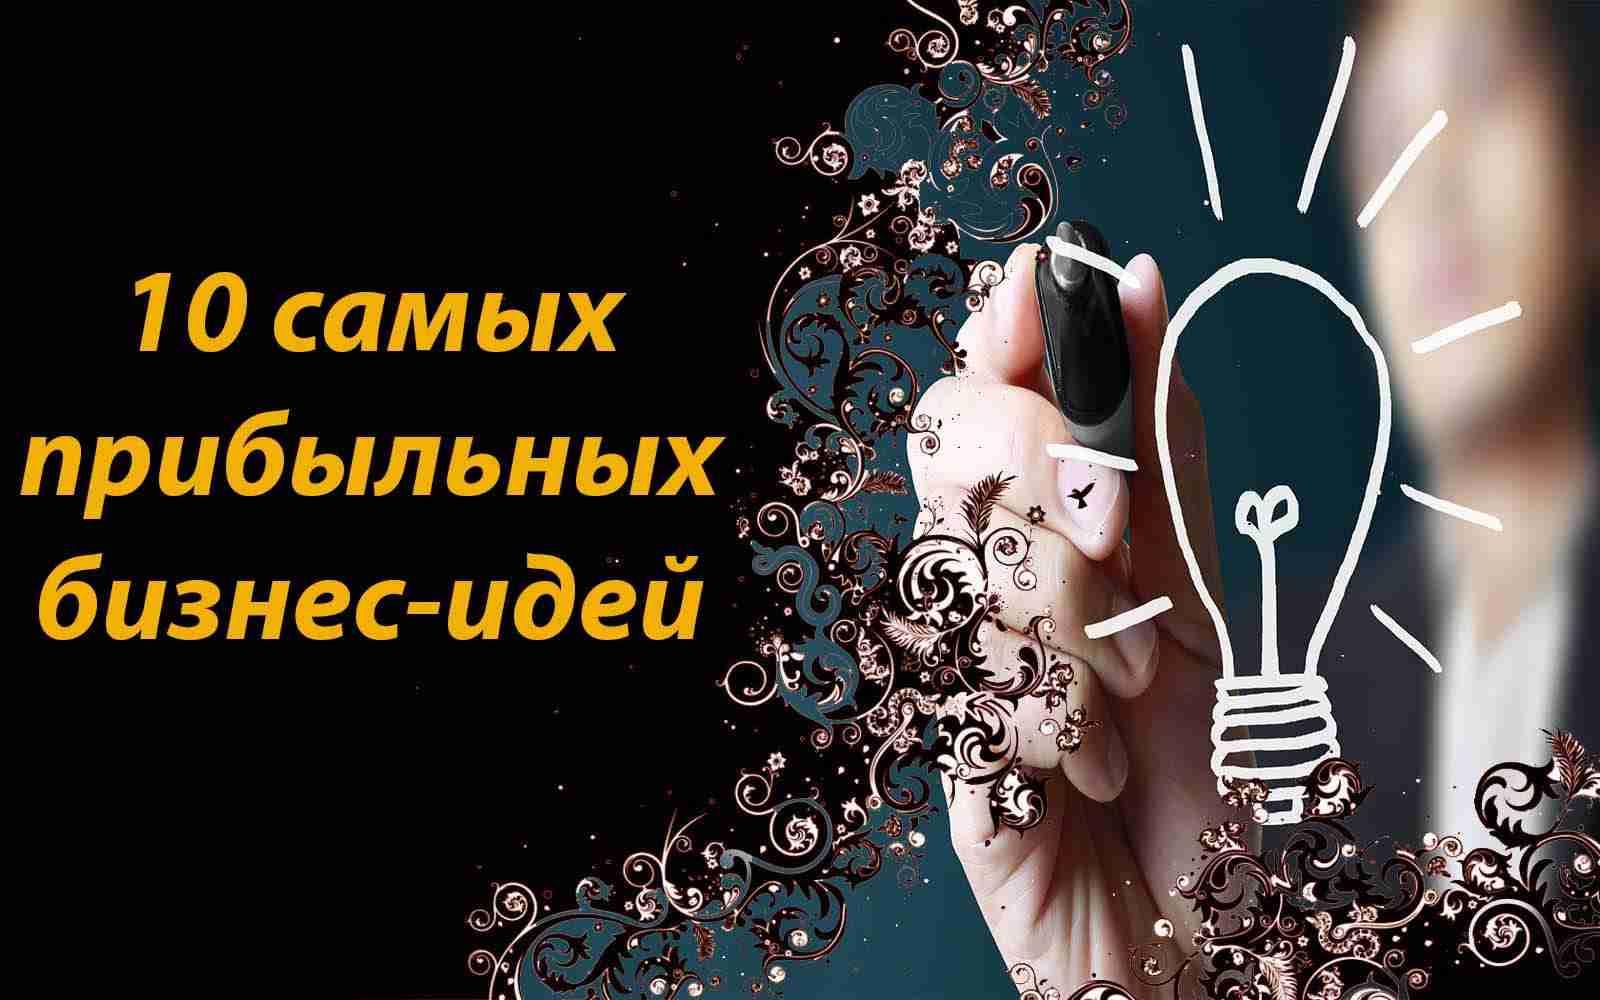 Самые прибыльные идеи собственного бизнеса хитрые идеи для бизнеса